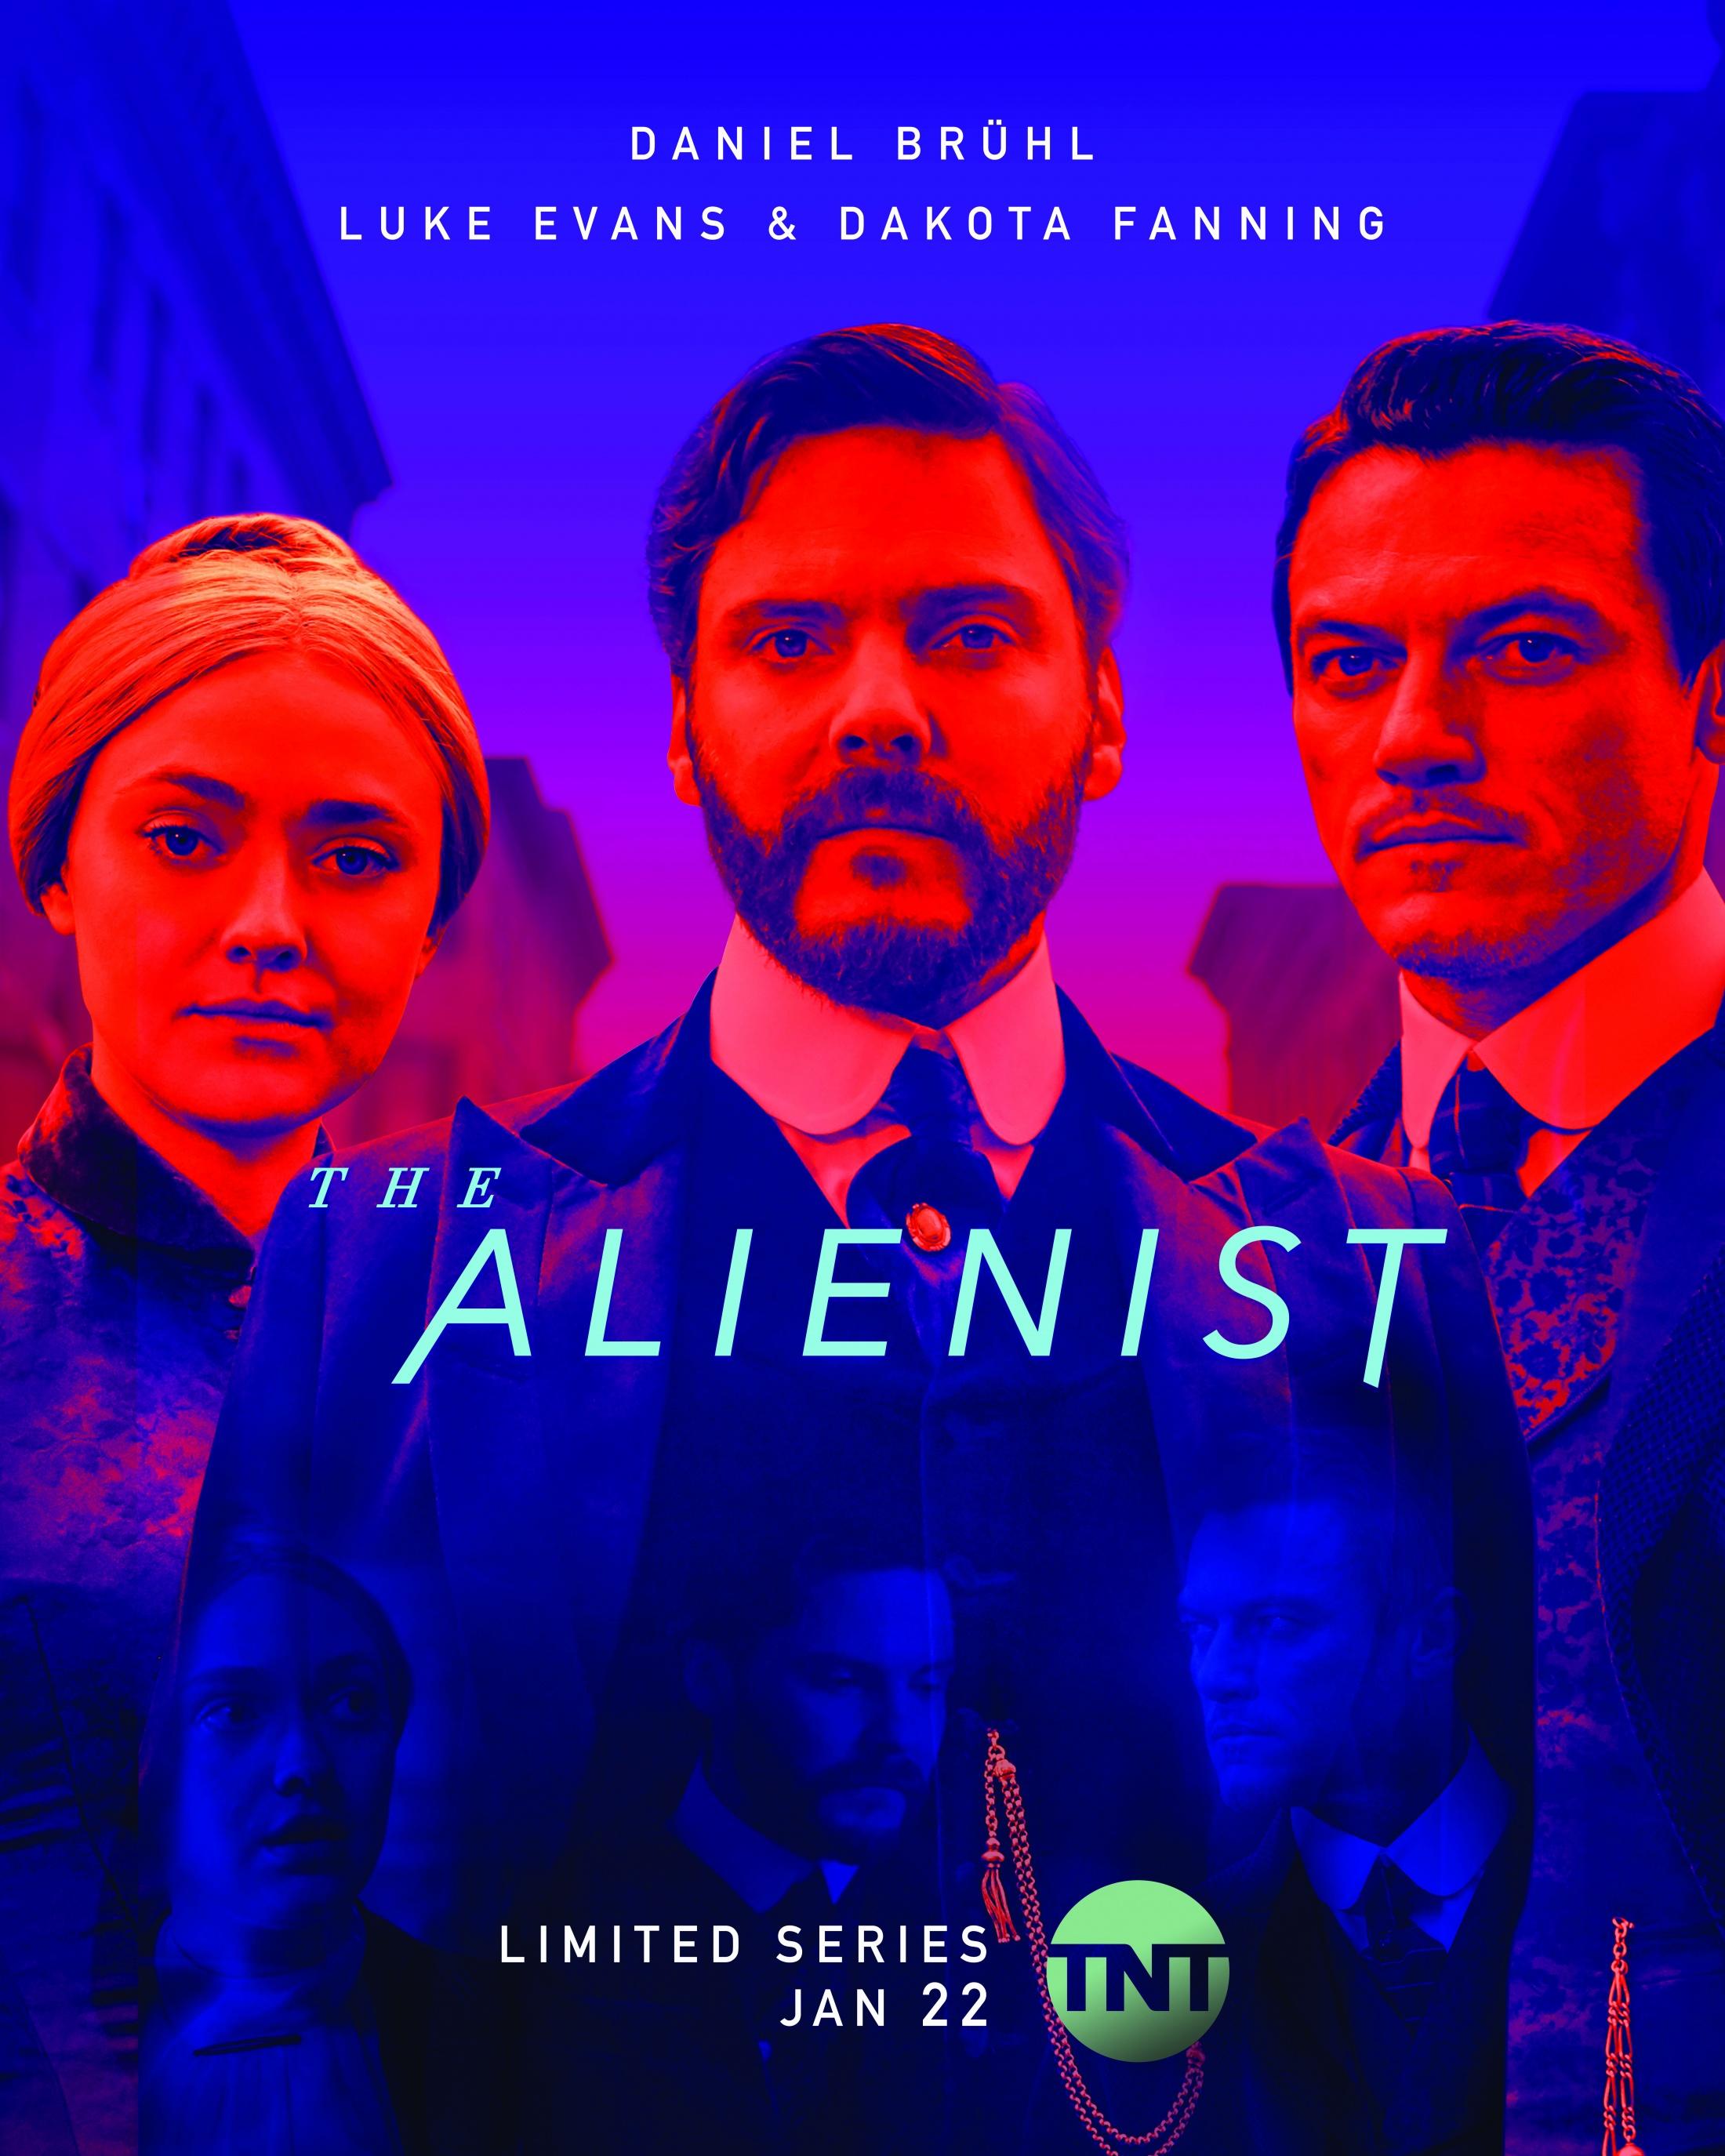 Thumbnail for The Alienist Docuseries Episode 1